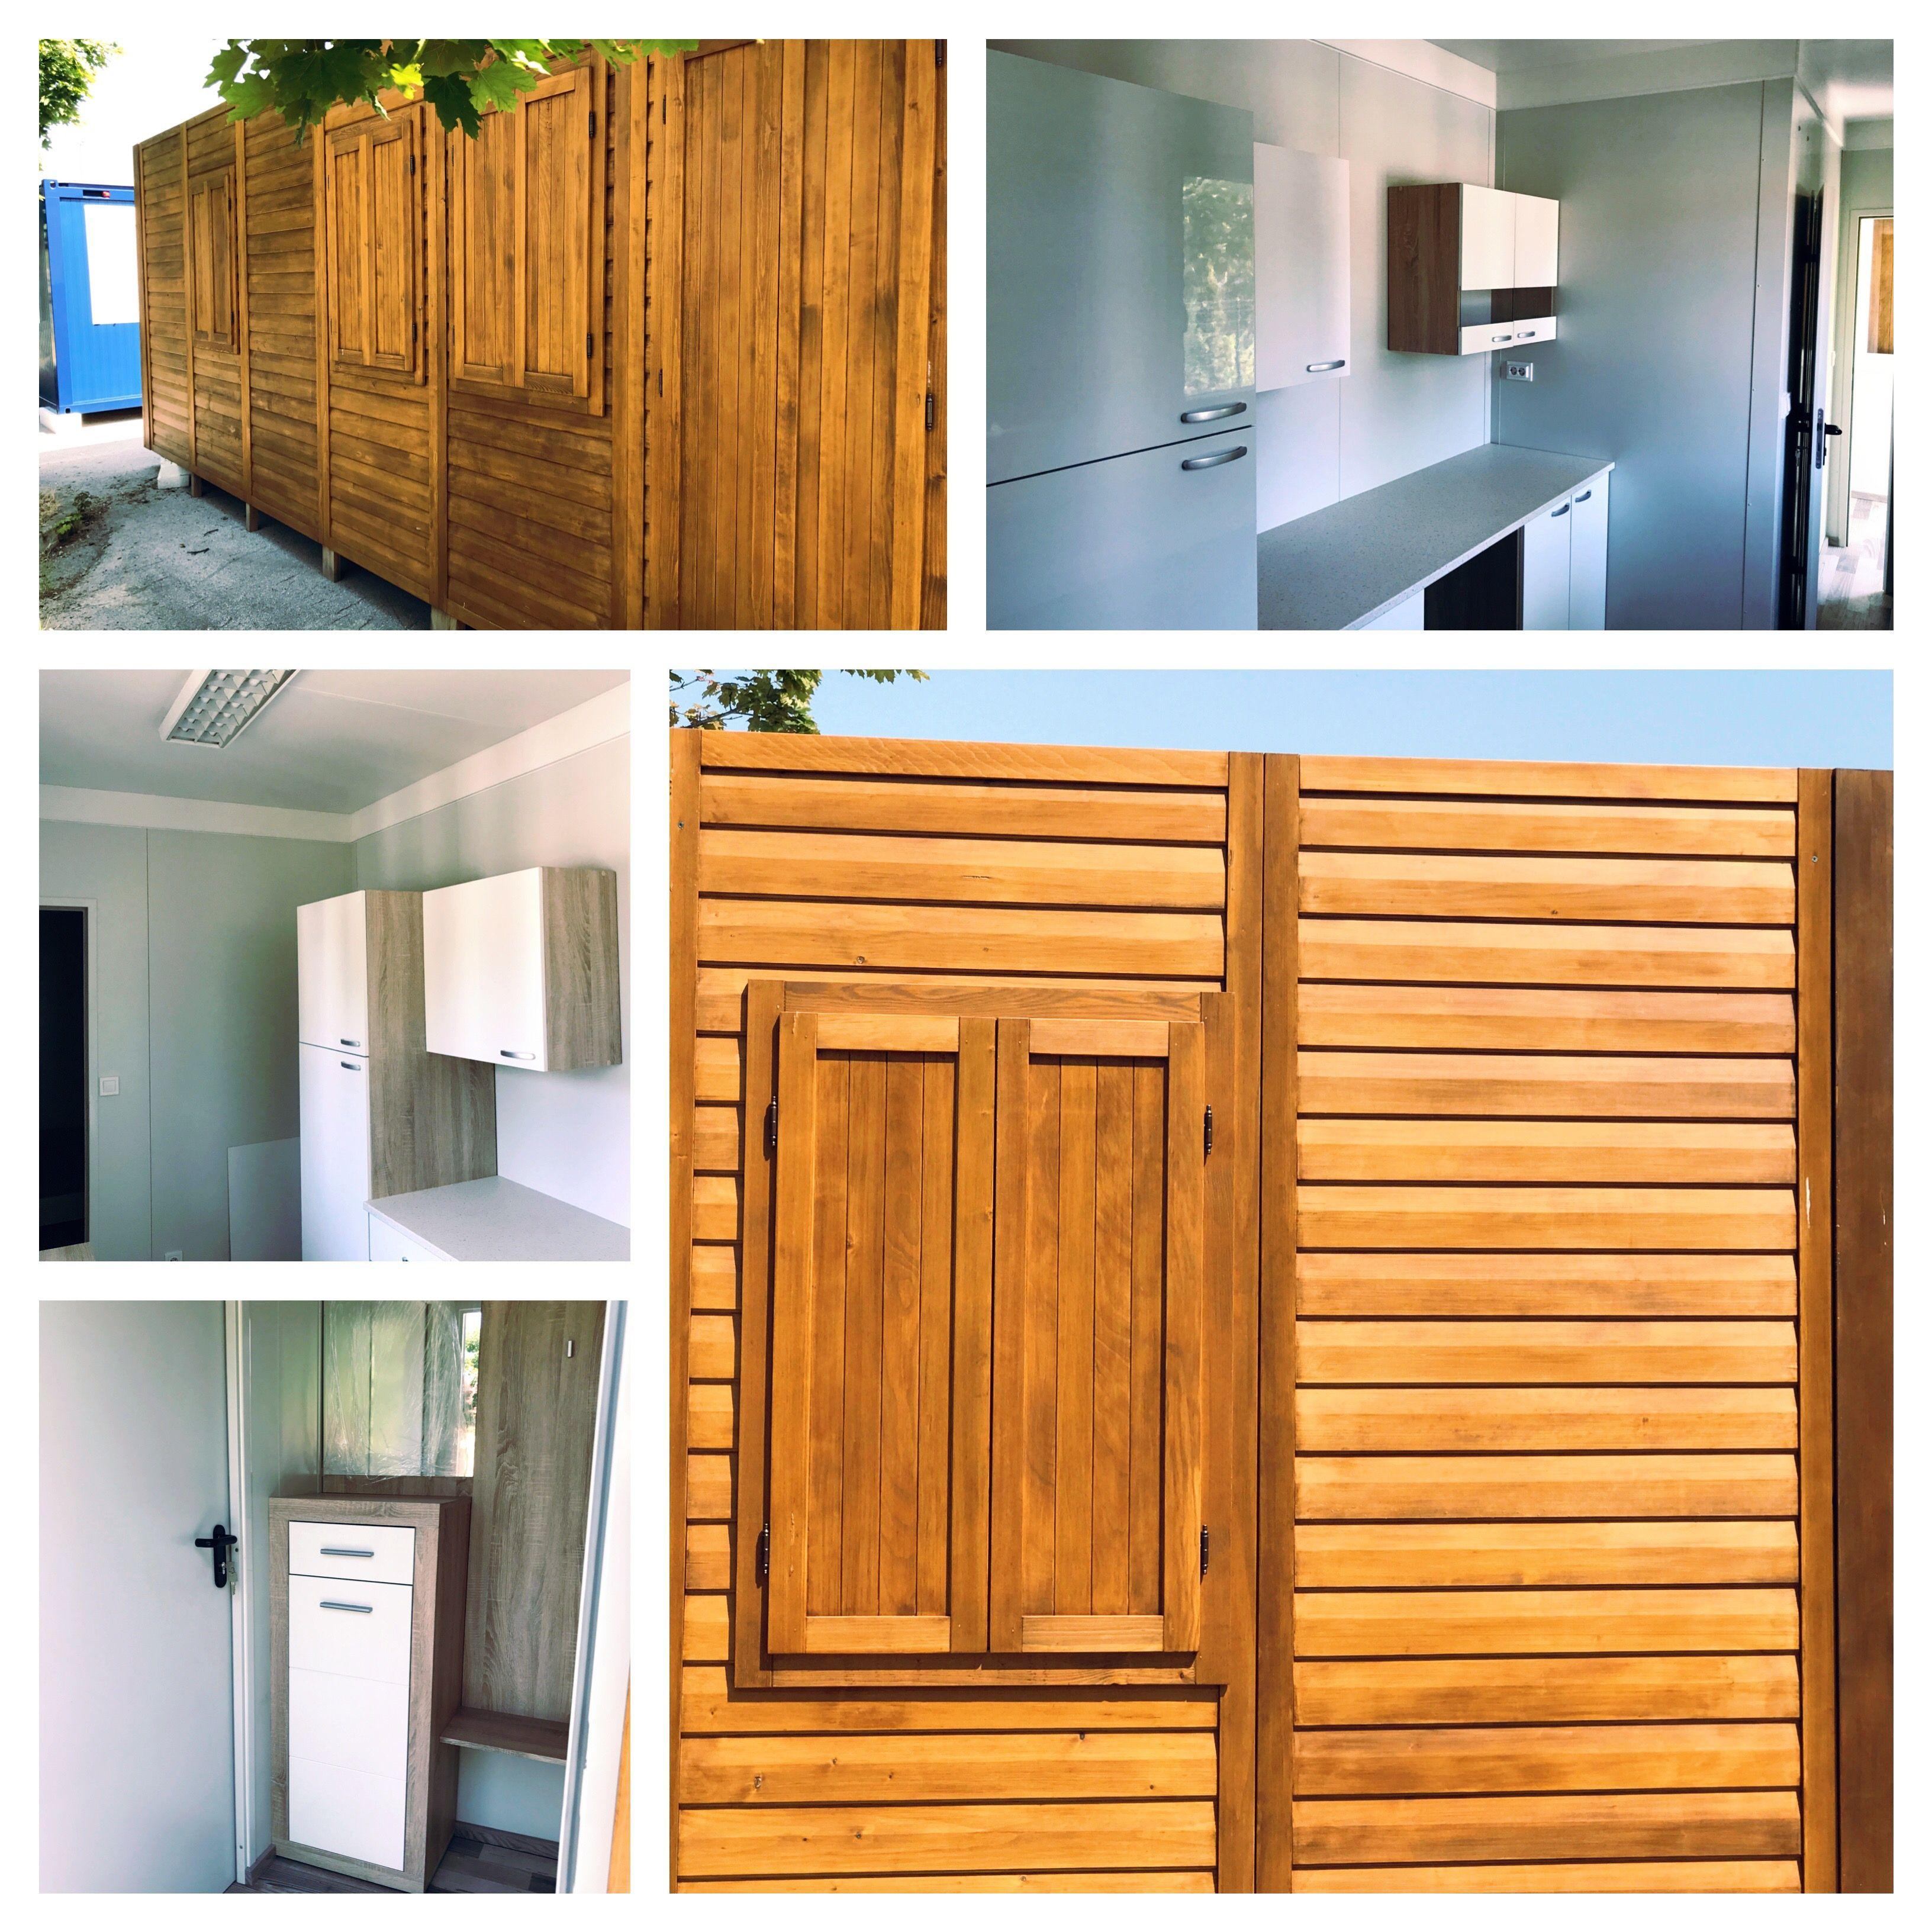 Ferienhaus Container 9m langes ferienhaus mit vorraum bad wohnküche und schlafzimmer